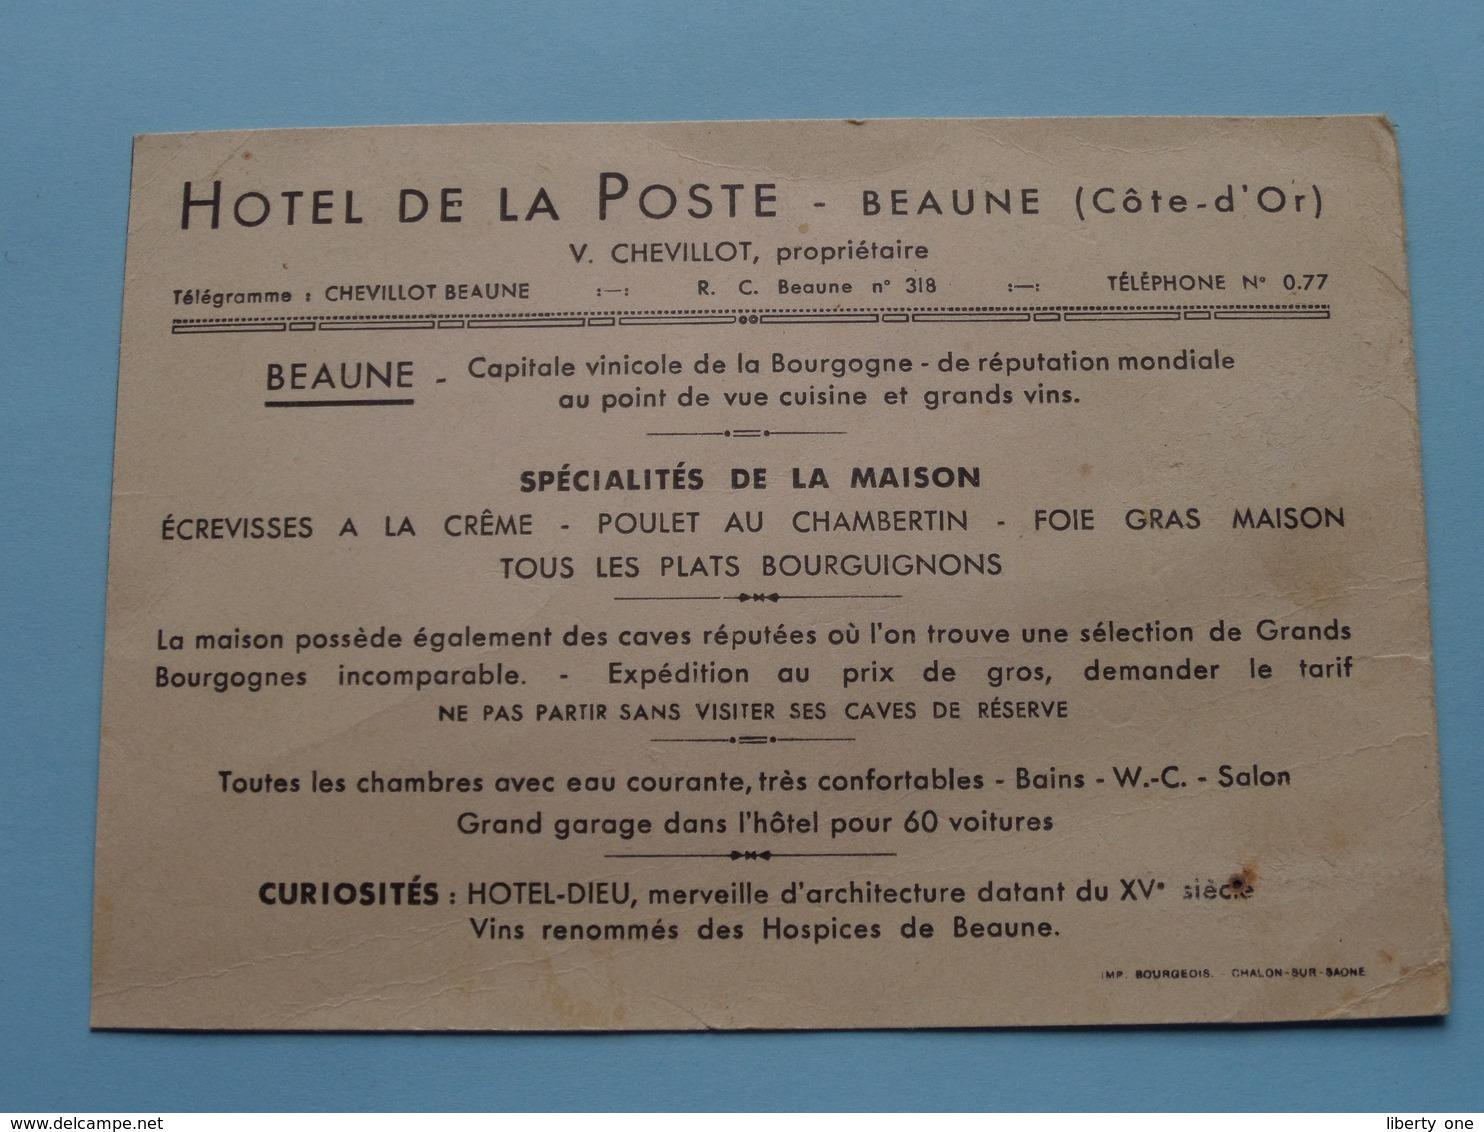 Hôtel DE LA POSTE ( Prop. V. Chevillot ) Tél 0.77 BEAUNE (Cote-D'Or) VIEUX Dépliant ( Detail > Voir Photo Svp ) - Publicidad